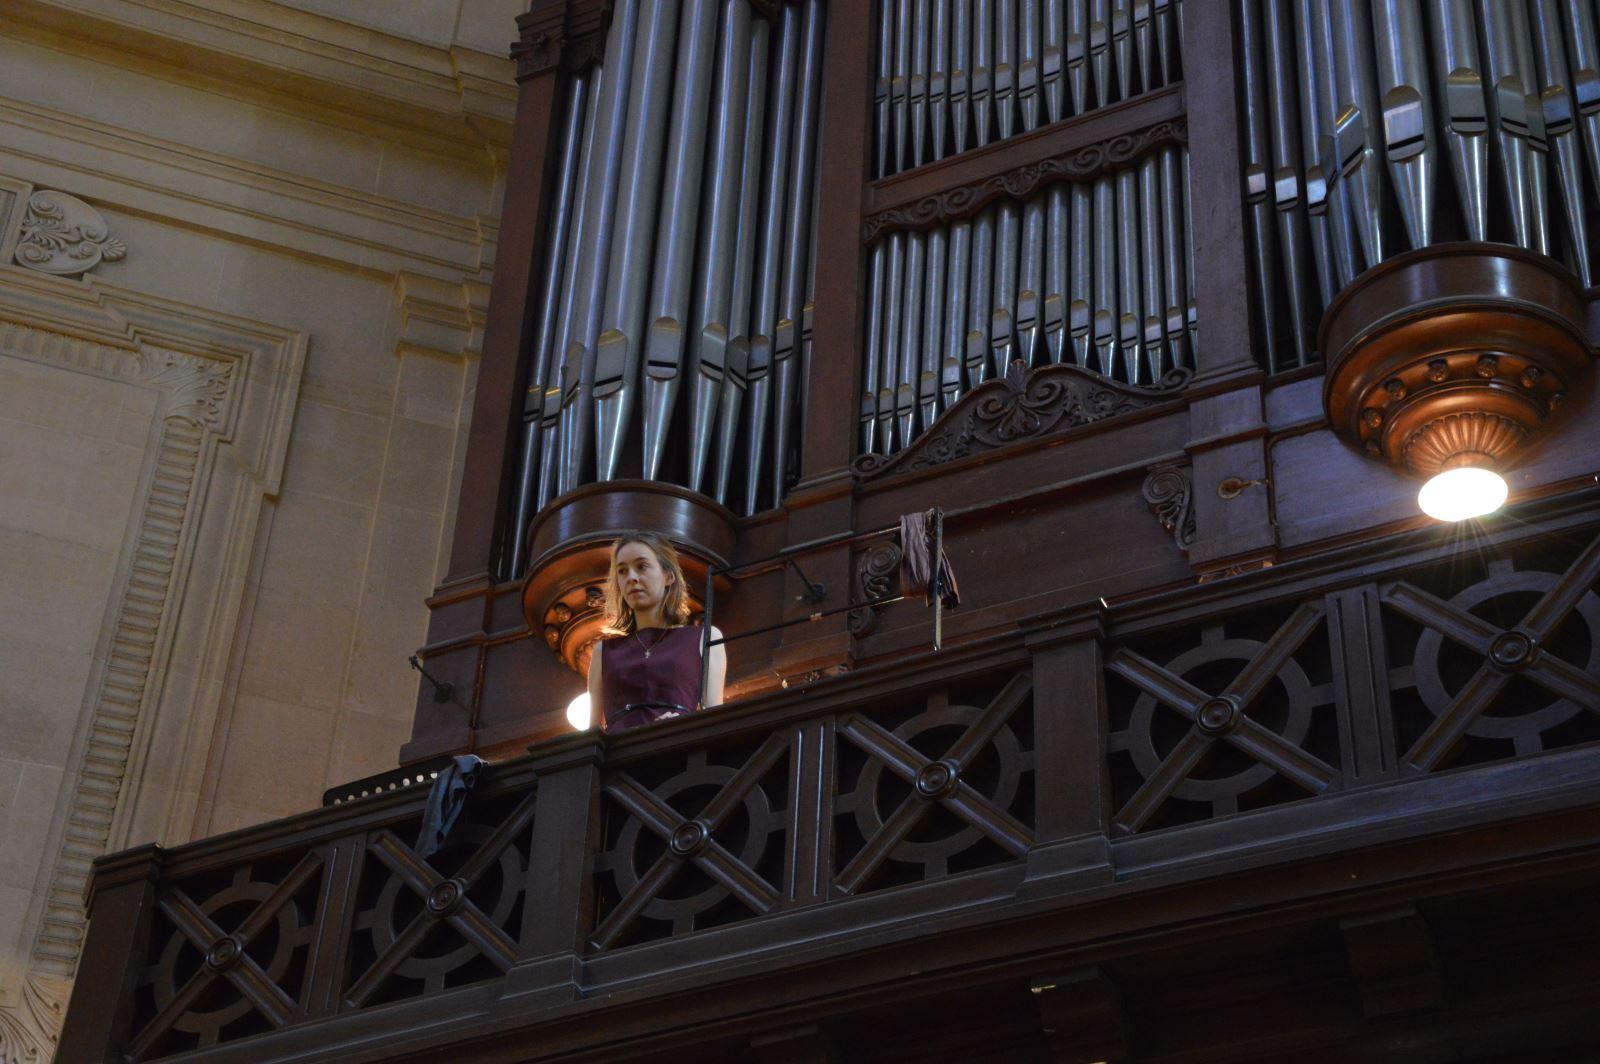 Hautboiste sur la tribune de l'orgue